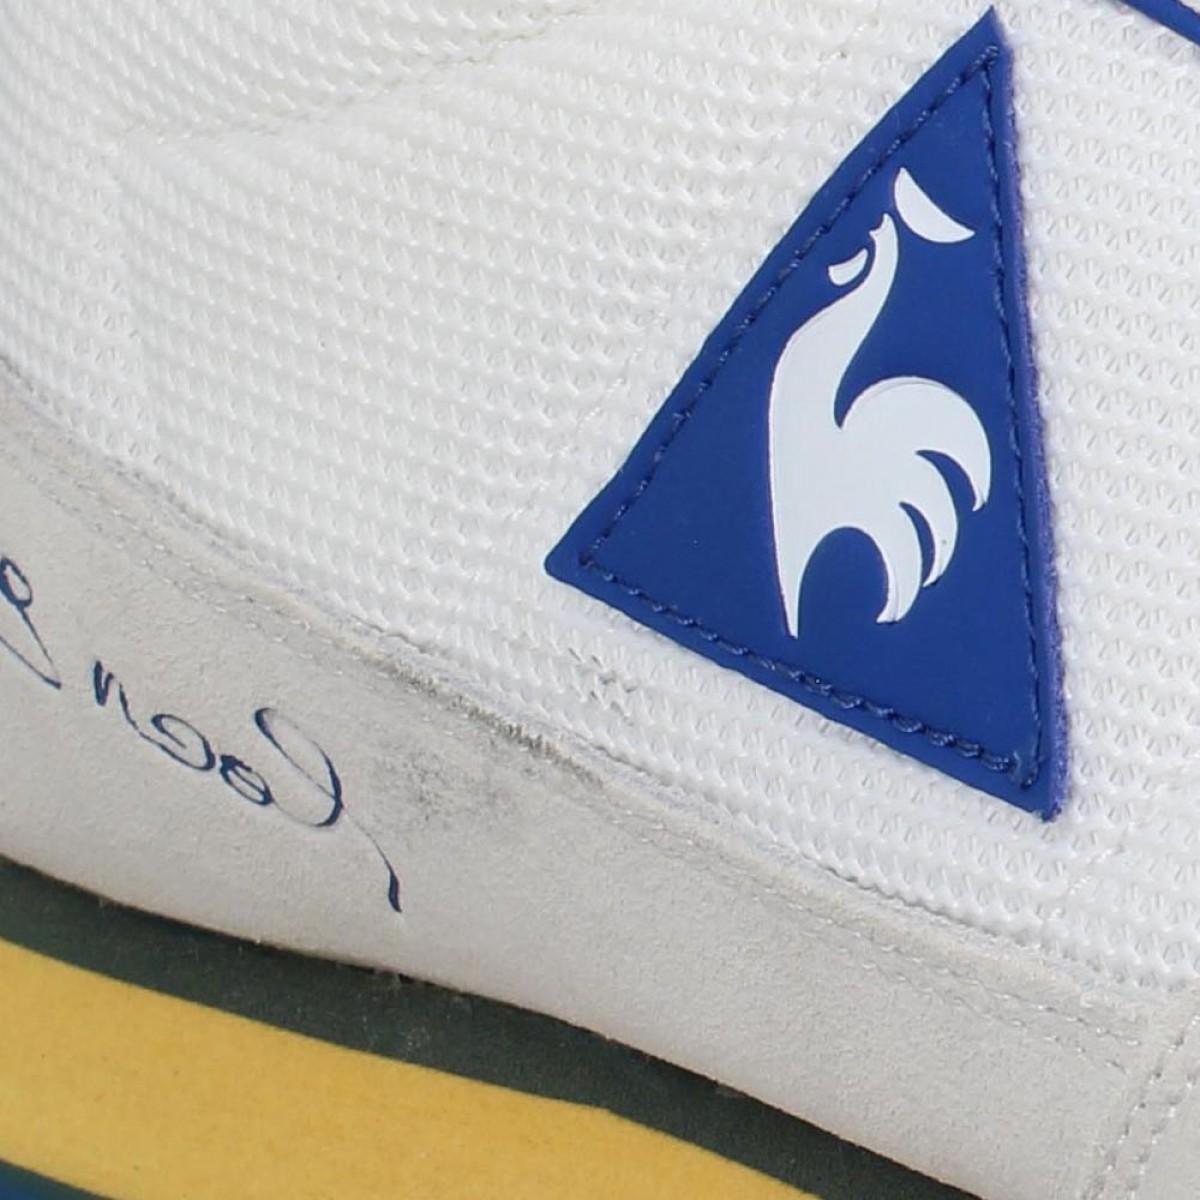 cc35ce1110df Chaussures Le coq sportif noah club og toile homme blanc homme ...